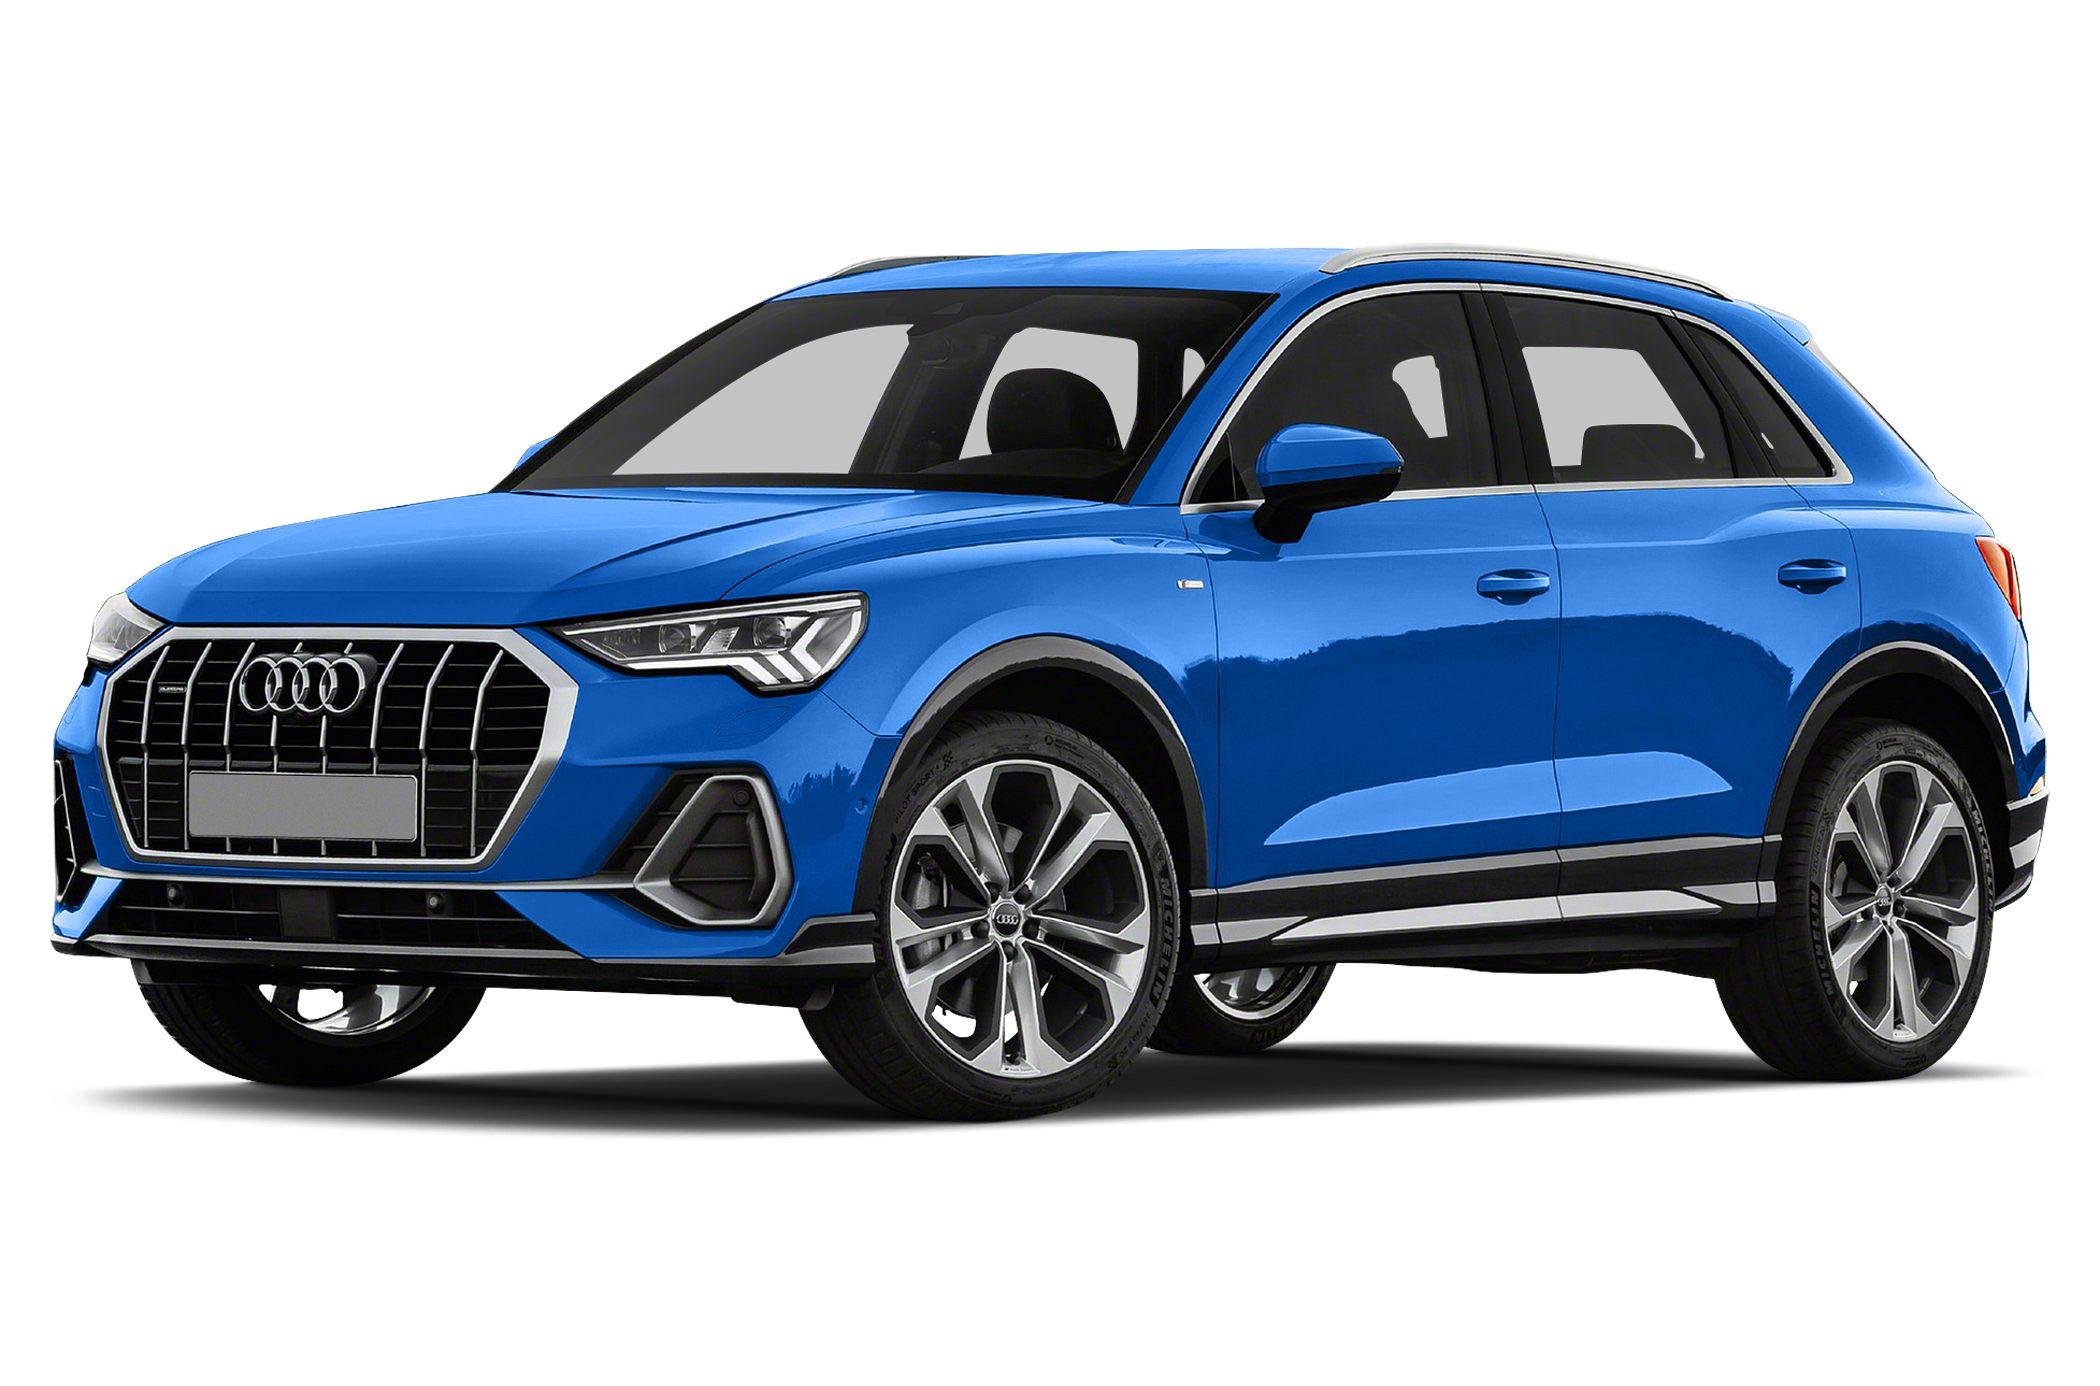 2020 Audi Q3 Review.2020 Audi Q3 Owner Reviews And Ratings